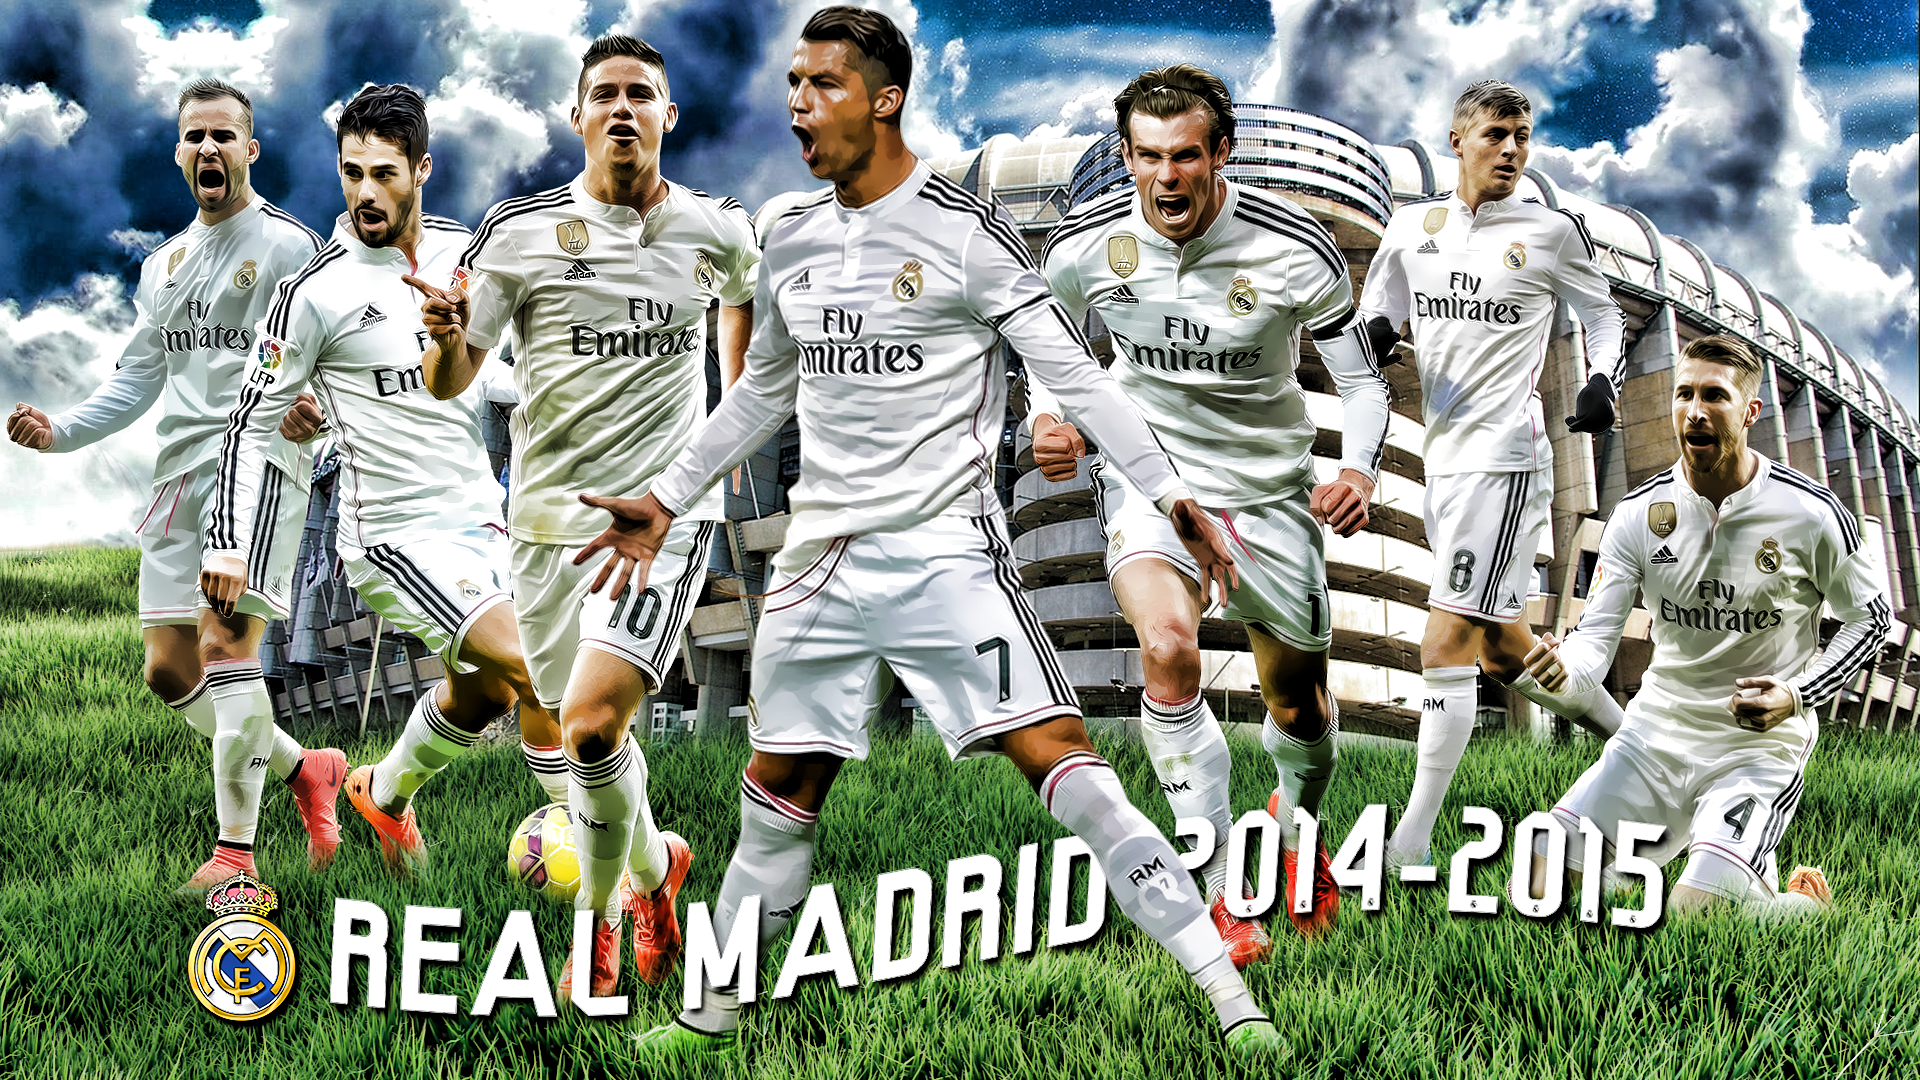 Real Madrid Best Wallpapers   Wallperiocom 1920x1080